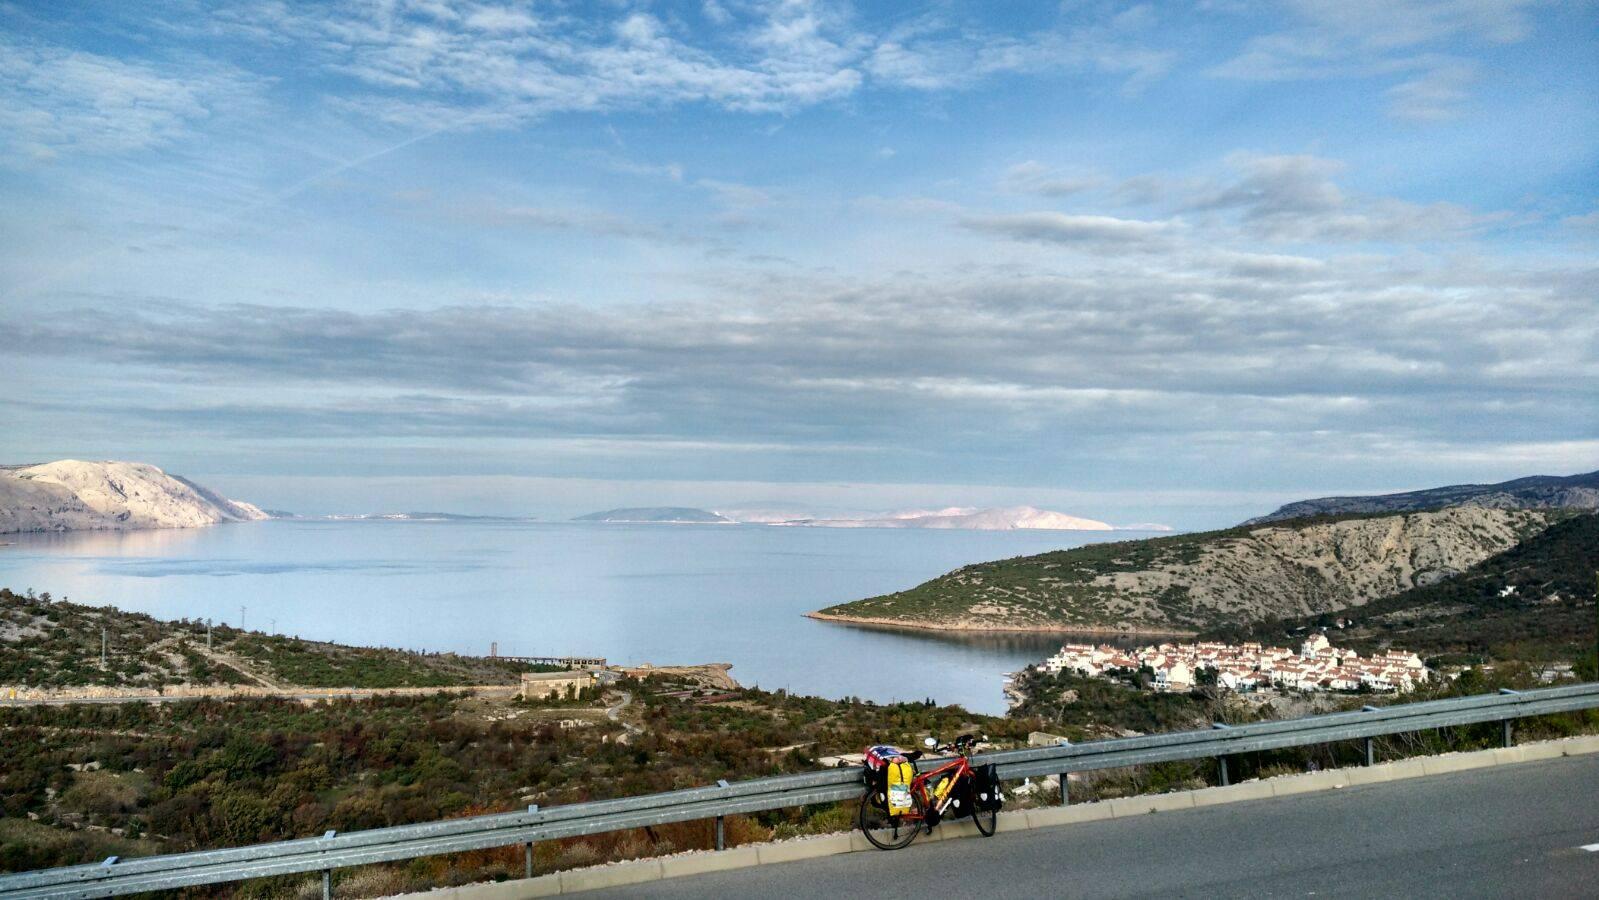 perle por el mundo10 - Elías Escribano llega al mar Adriático. Etapas 76-82 de Perlé por el Mundo